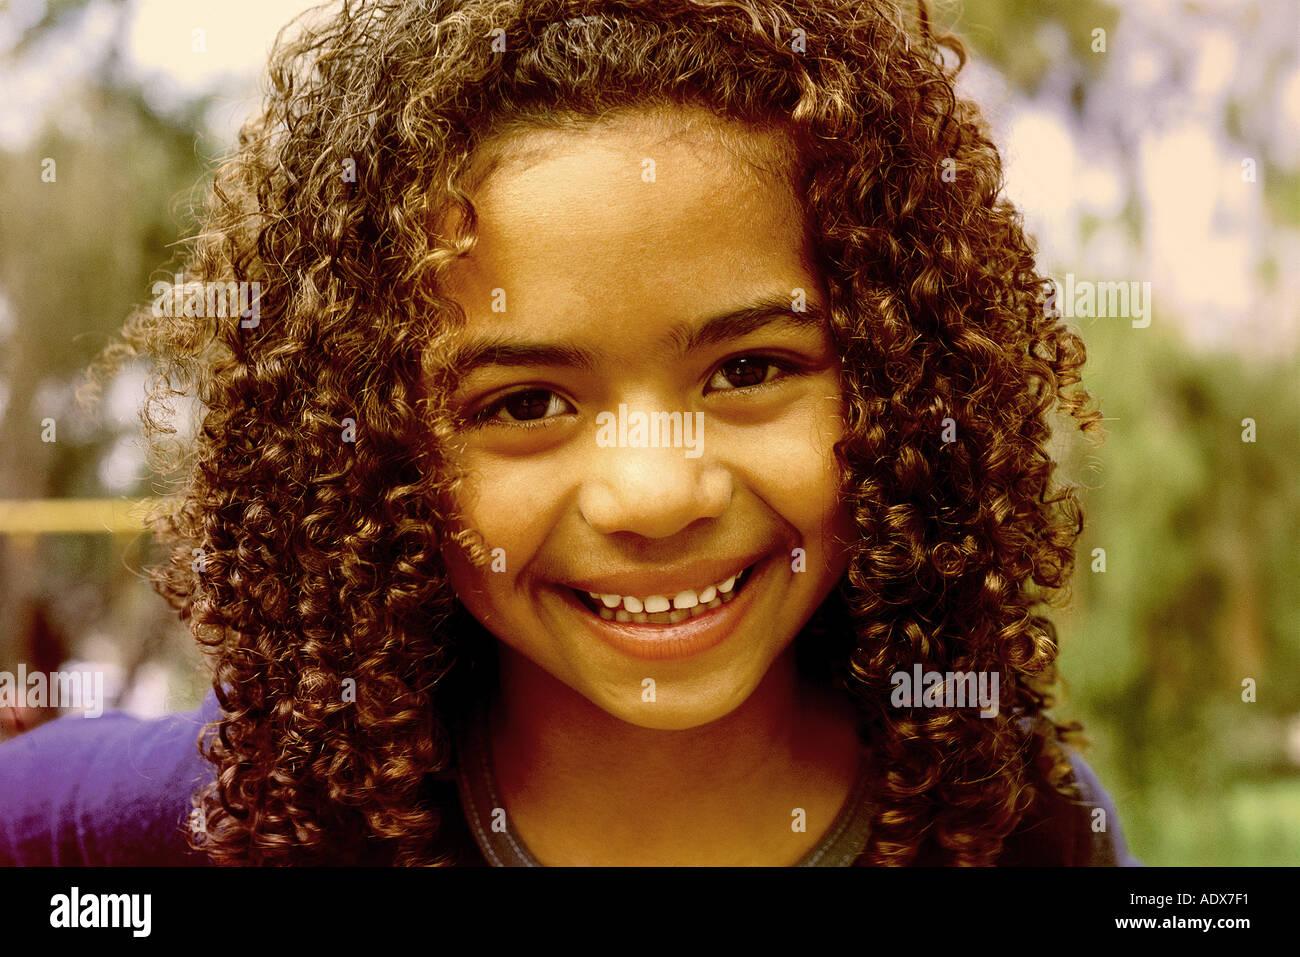 Children Curly Hair Brunette Smile Smiling Children Afro Brazilian